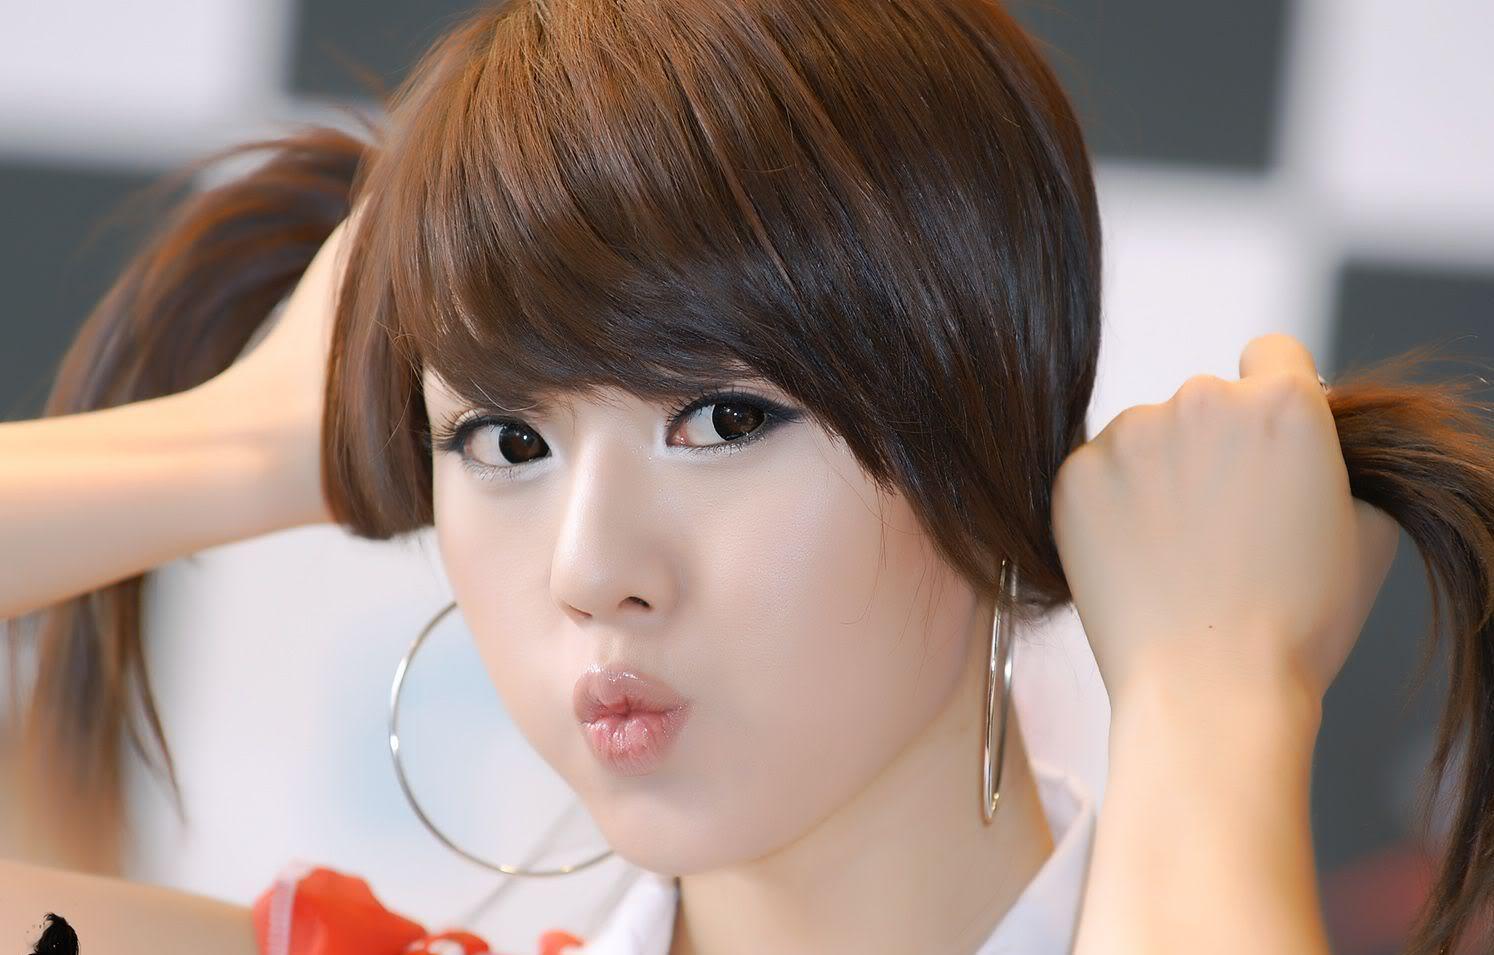 بالصور اجمل بنات كوريات في العالم , احلى فتيات فى كوريا 61 5